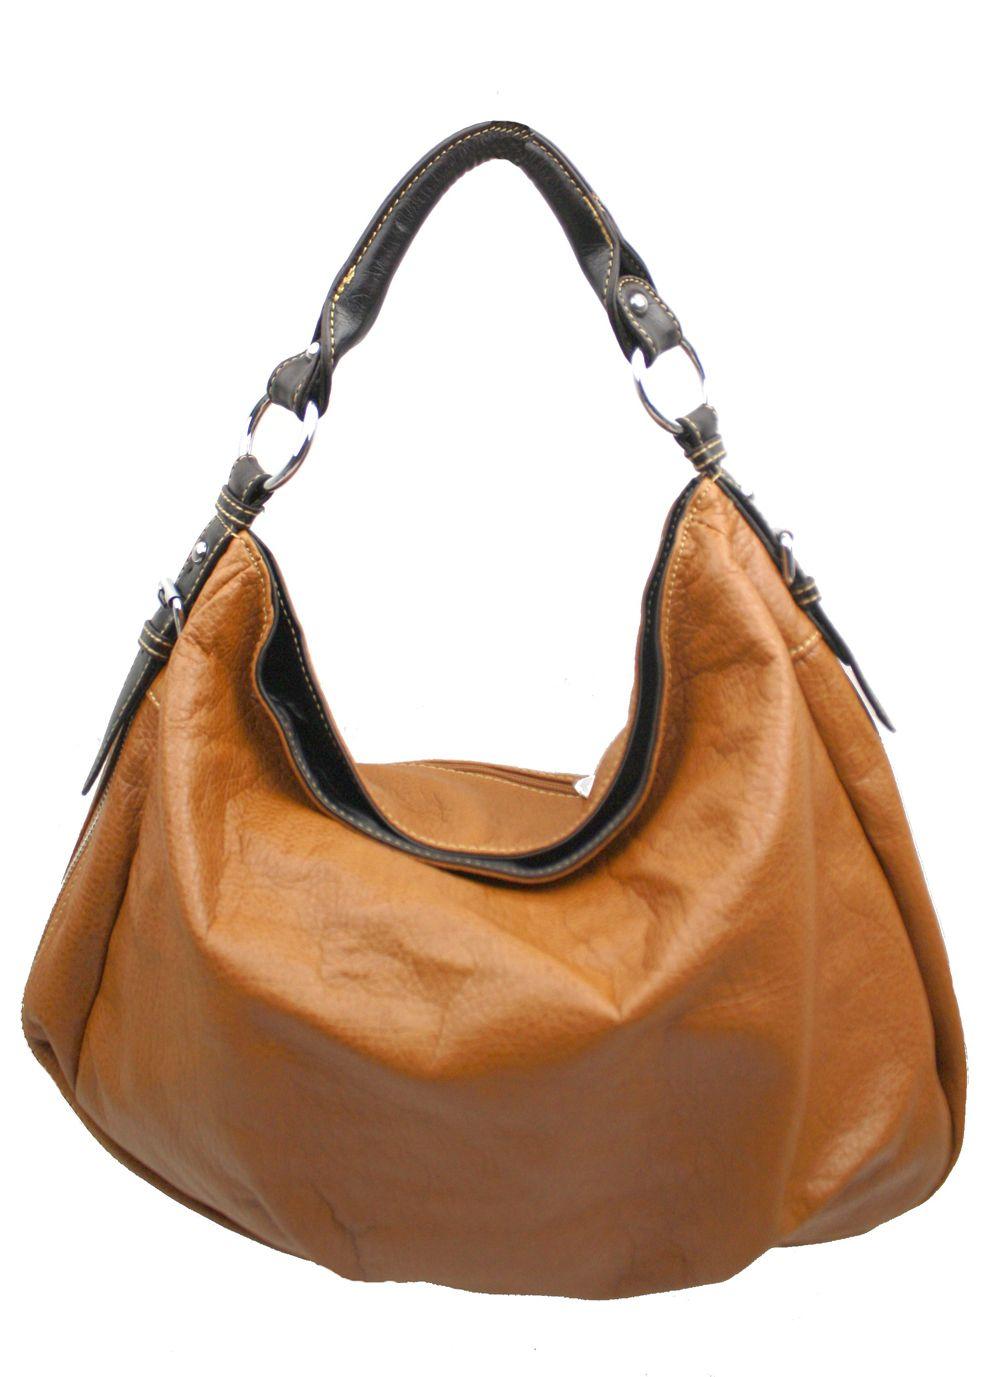 667d473a46 Conti Moda Handbags Faux Leather Handbag - Camel